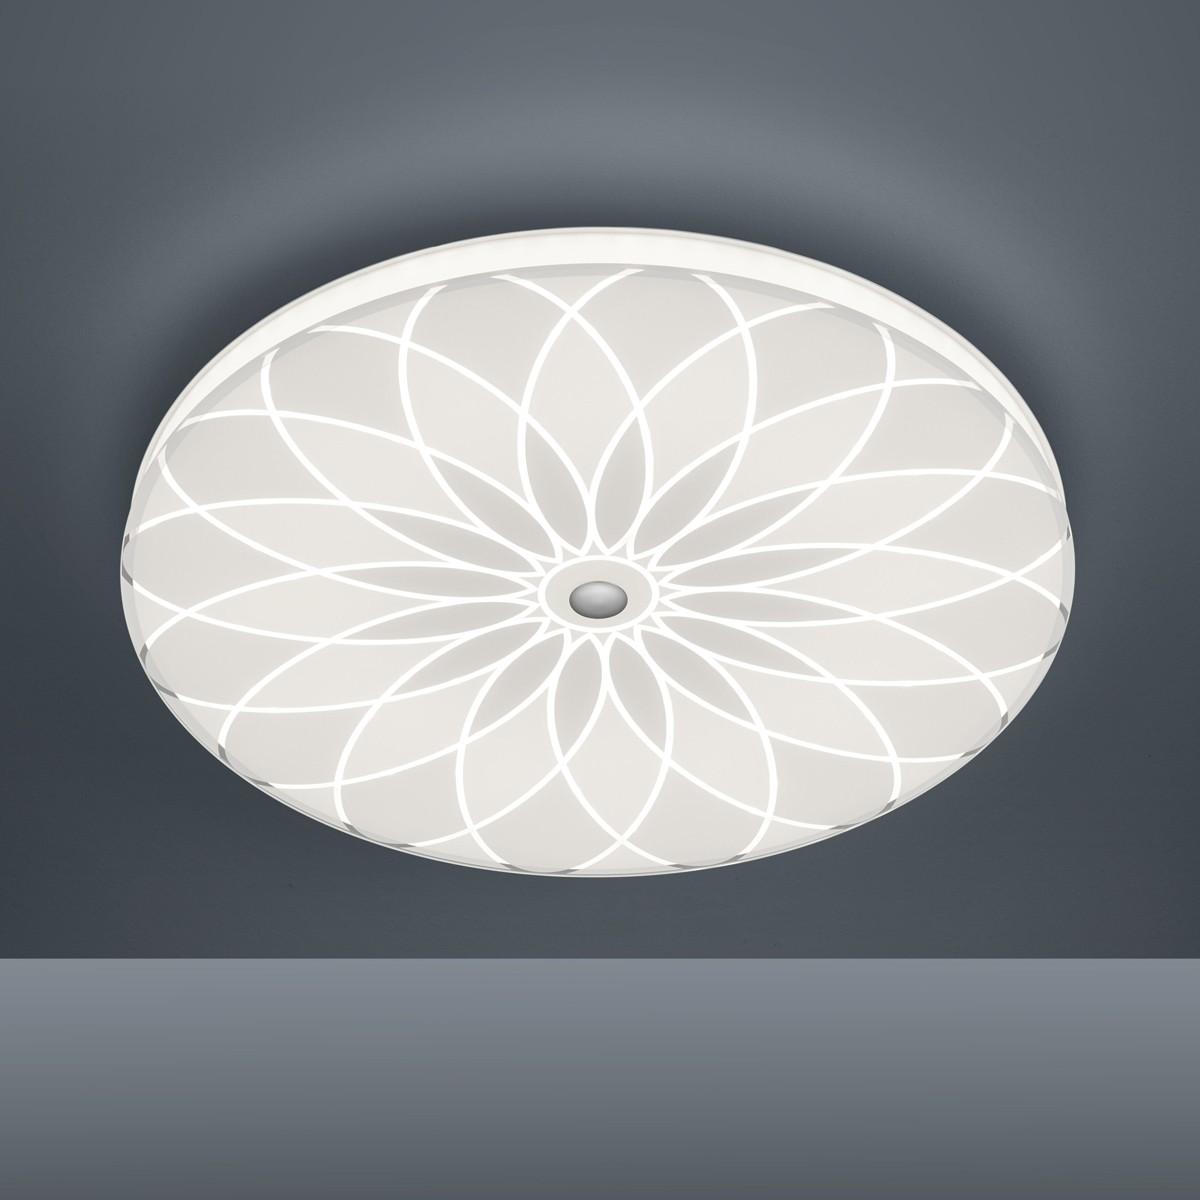 Bankamp Mandala 7718/9 Deckenleuchte, Ø: 42 cm, weiß